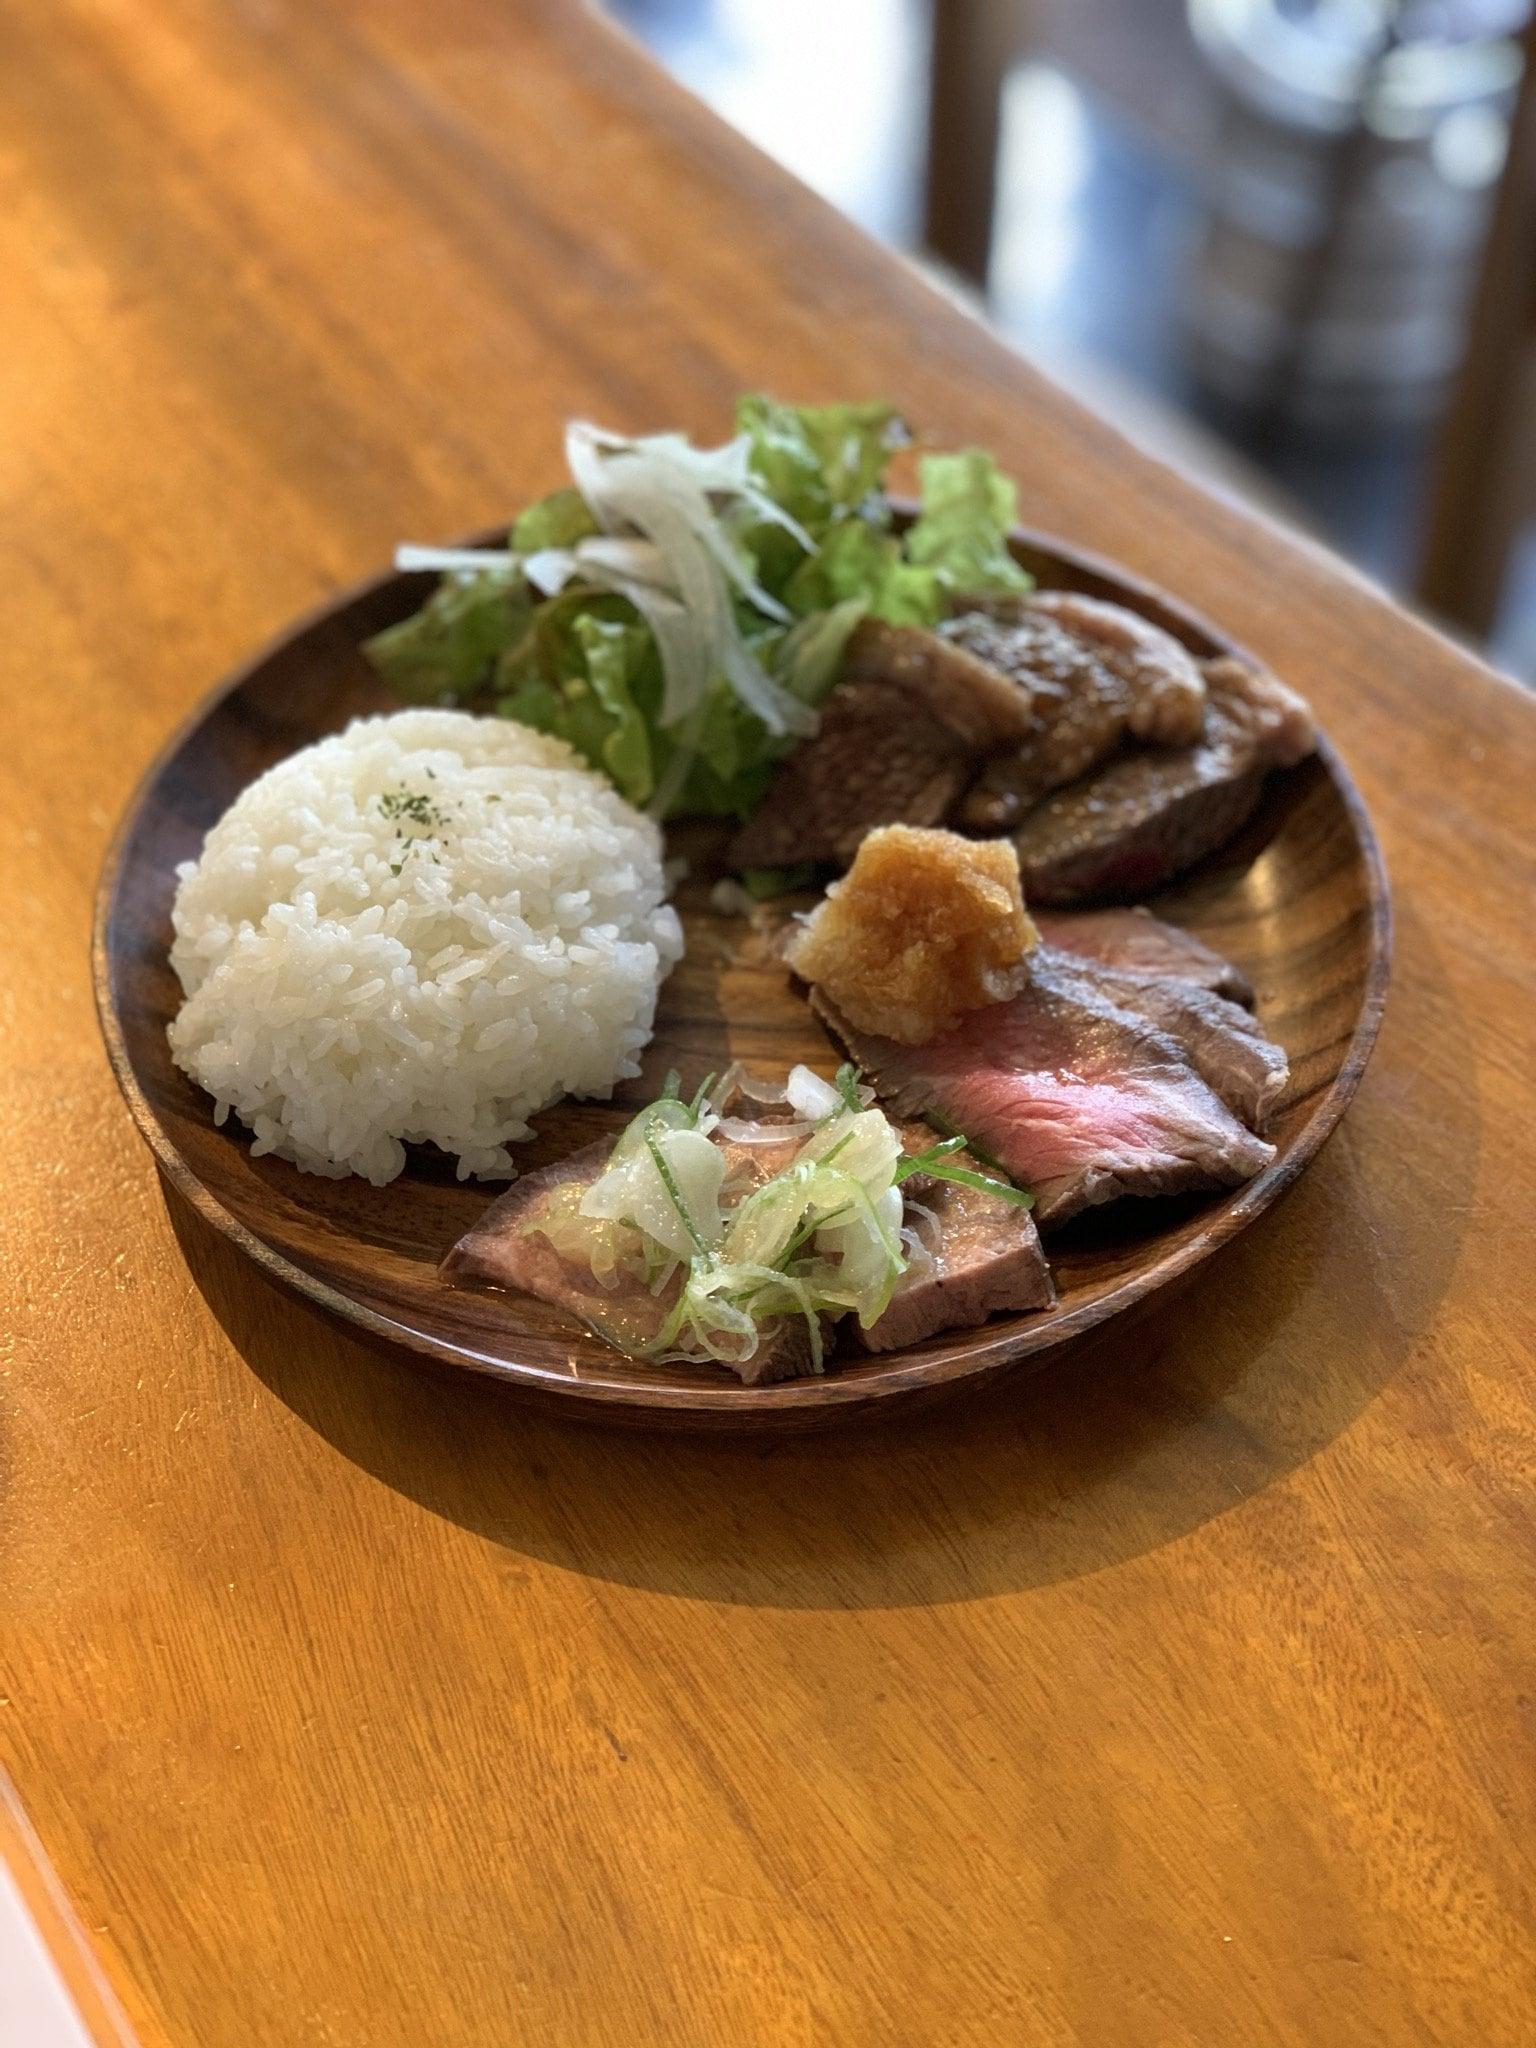 〈ランチ限定〉《店内飲食》肉の盛り合わせランチのイメージその1